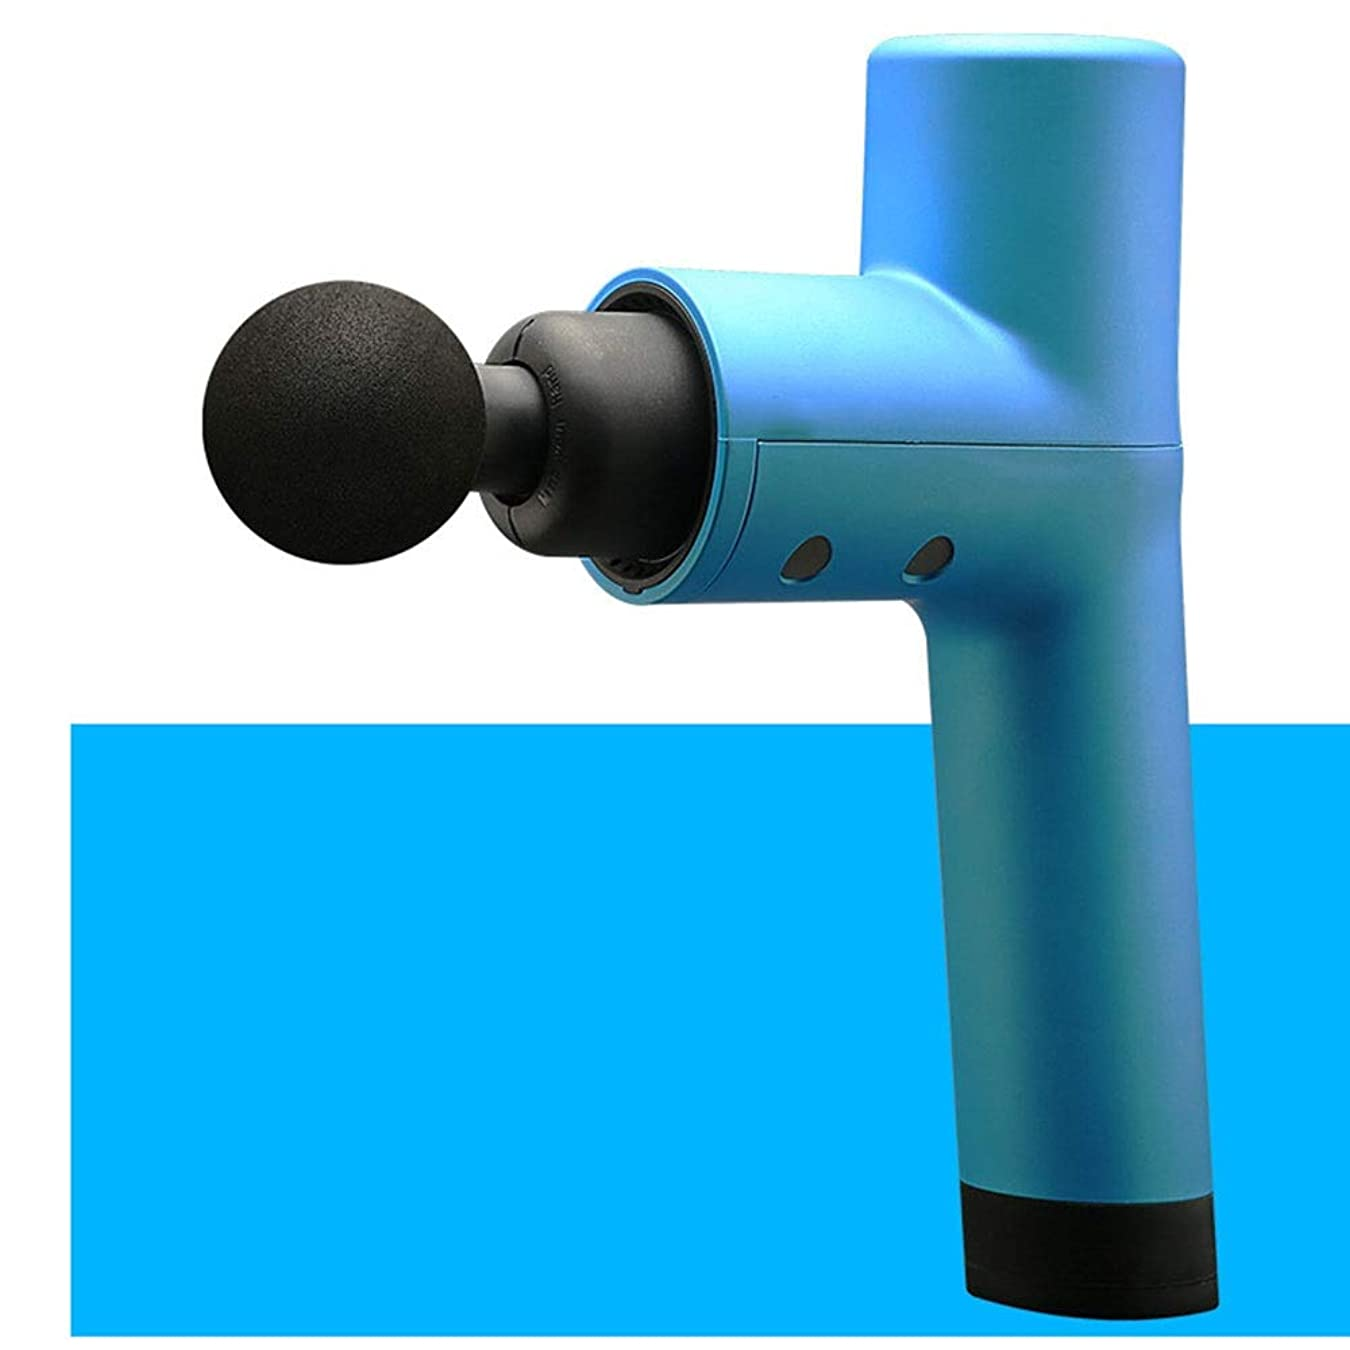 故意に用心インスタンスディープマッスルマッサージ、電動筋膜銃、筋肉の疲労を和らげる、4速周波数制御振動、4マッサージヘッド、サイズ:18.8x6.2x25.2cm 便利